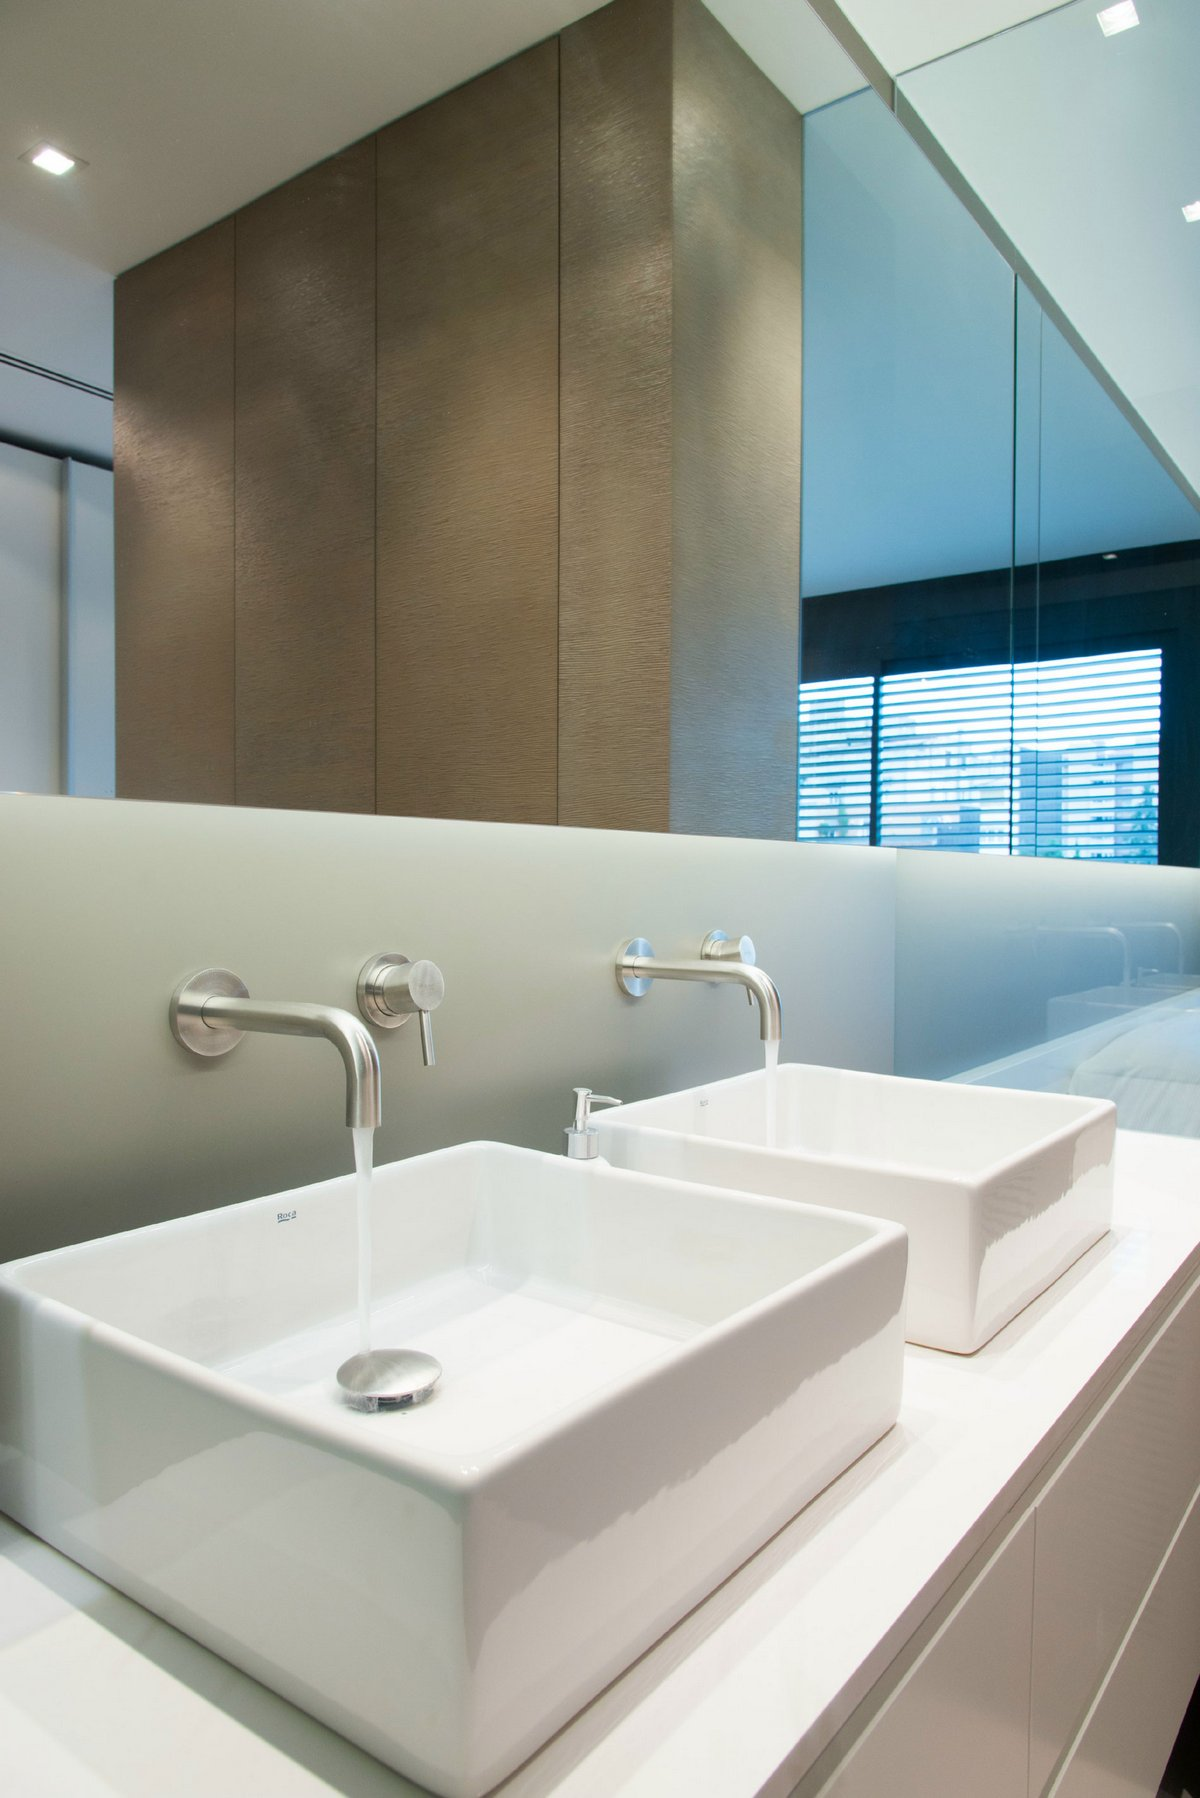 интерьер квартиры в Испании, проект светлого интерьера квартиры, двухэтажная квартира в Барселоне, интерьер минимализм фото, светлый интерьер квартиры